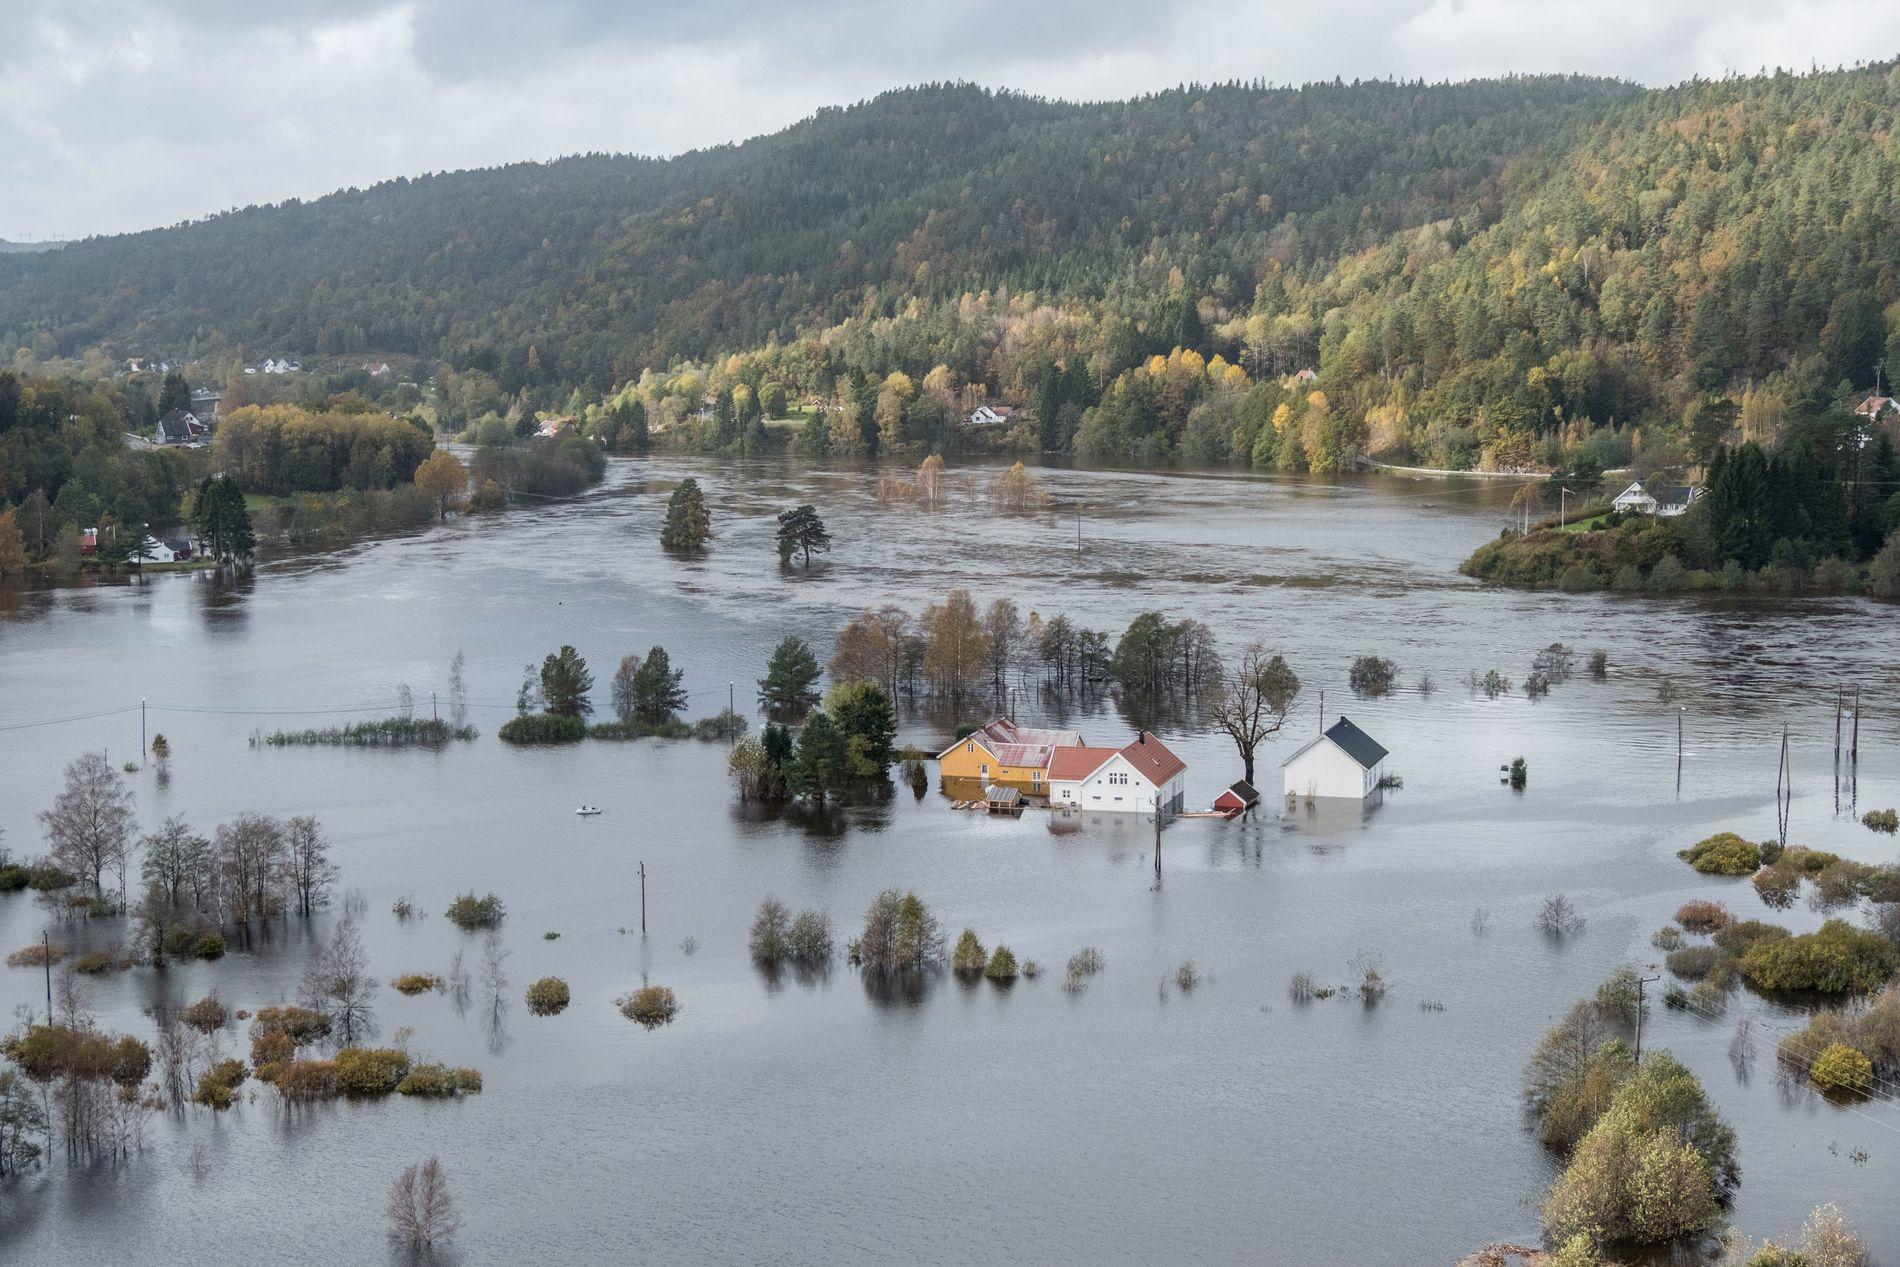 FLOMTOPP MANDAG: Slik så det ut ved Topdalselva, som gikk over sine bredder mandag. Vannet står høyt ved Drangsholt mellom Kristiansand og Birkeland. Foto: Tor Erik Schrøder / NTB scanpix